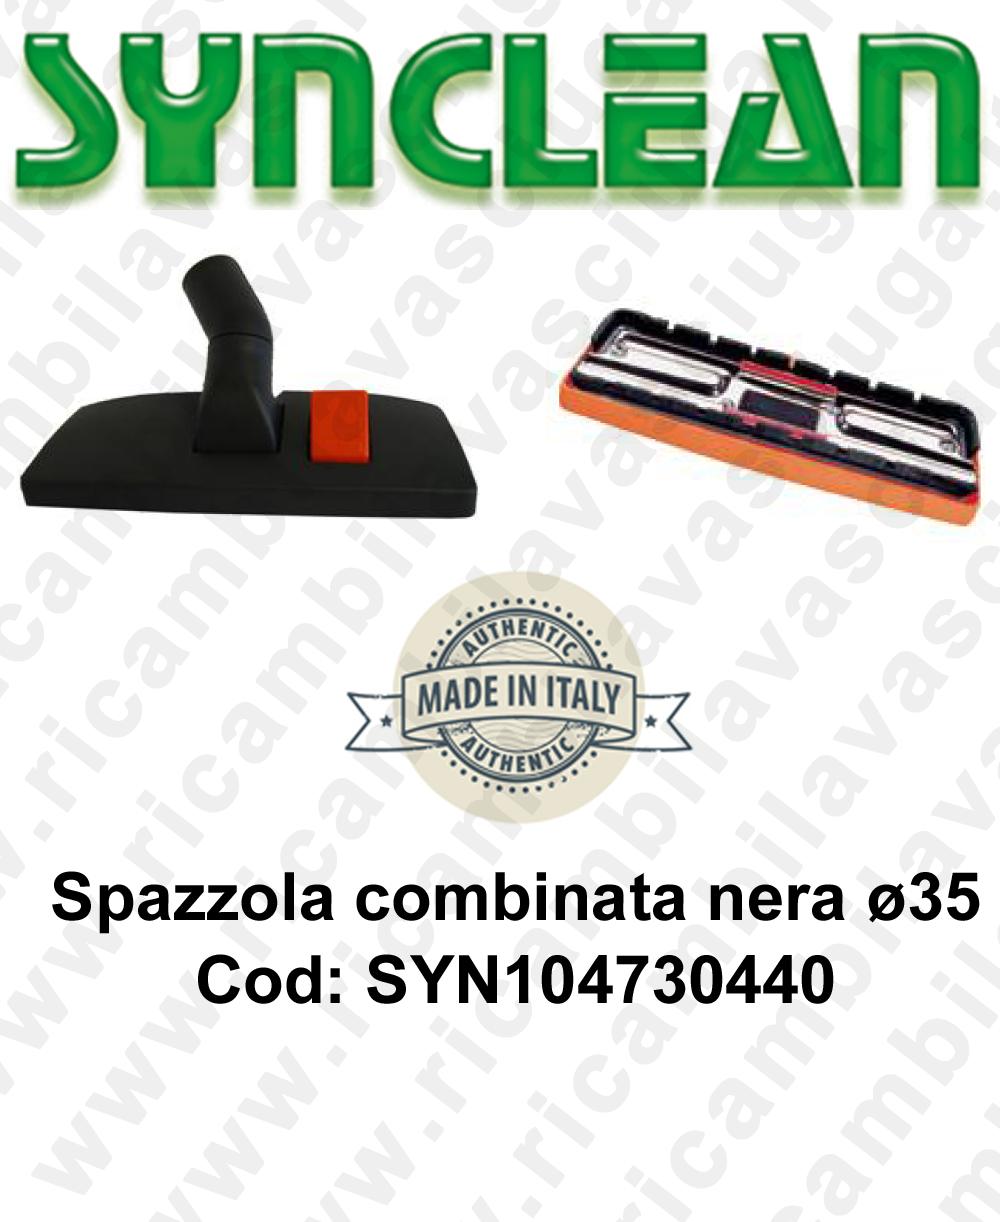 SYN104730440 Schwarz Kombinierter Bürsten ø 35 für Staubsauger und elektrischer besen